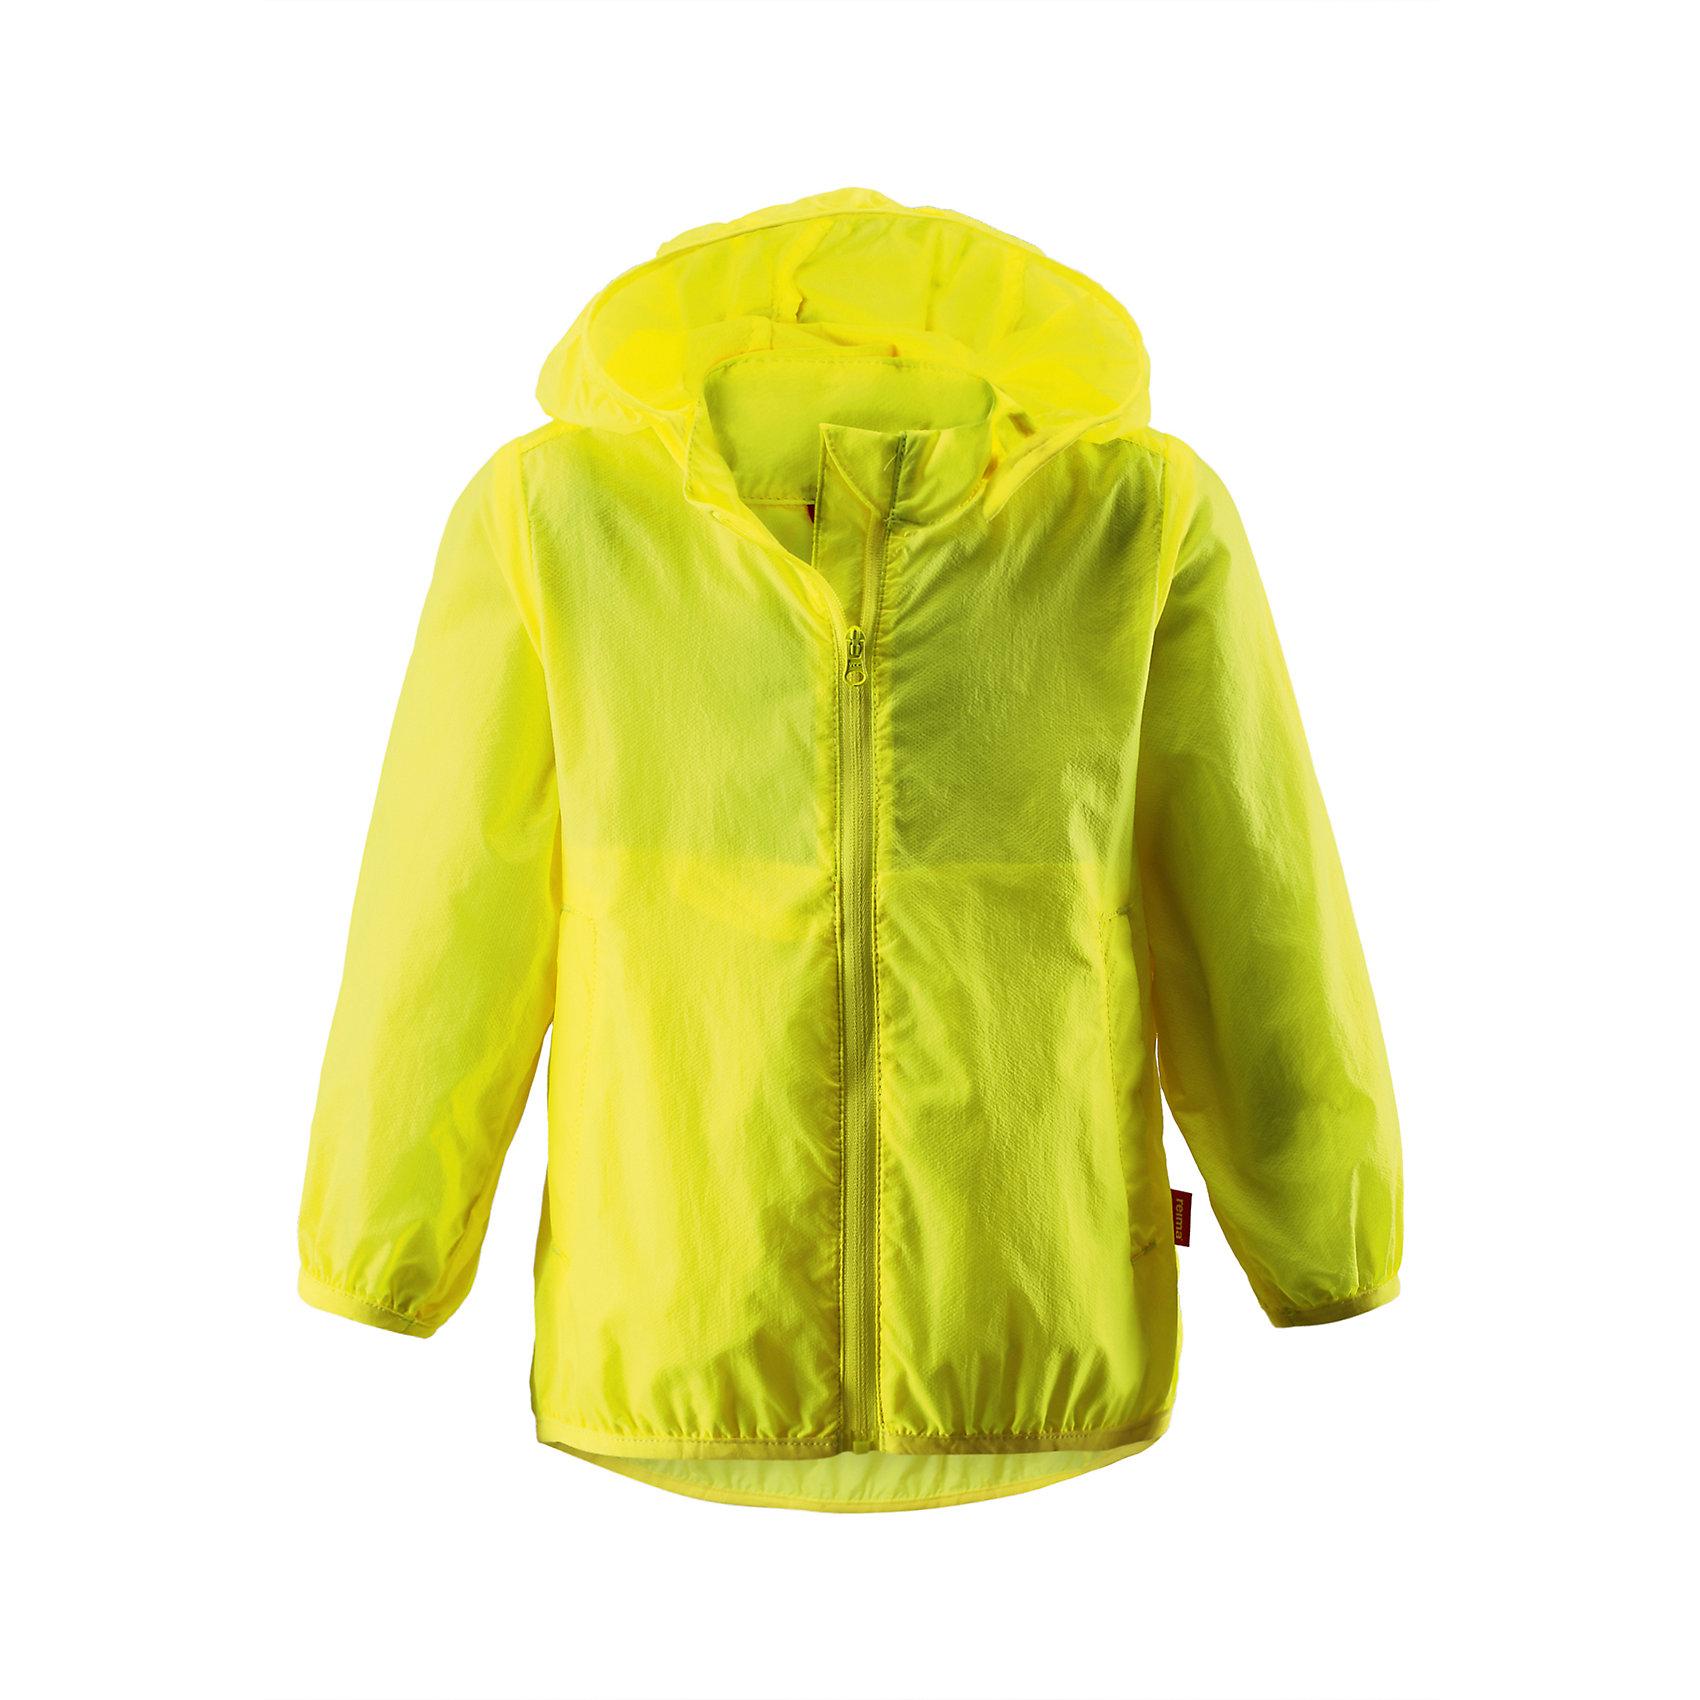 Куртка для девочки ReimaКуртка от финской марки Reima.<br>*Куртка для малышей*Безопасный, съемный капюшон*Эластичная резинка на кромке капюшона, манжетах и подоле*Возможность сложить куртку в ее собственный карман*Два боковых кармана<br>Состав:<br>100% ПА<br><br>Ширина мм: 356<br>Глубина мм: 10<br>Высота мм: 245<br>Вес г: 519<br>Цвет: желтый<br>Возраст от месяцев: 9<br>Возраст до месяцев: 12<br>Пол: Женский<br>Возраст: Детский<br>Размер: 80,98,92,86<br>SKU: 4631349